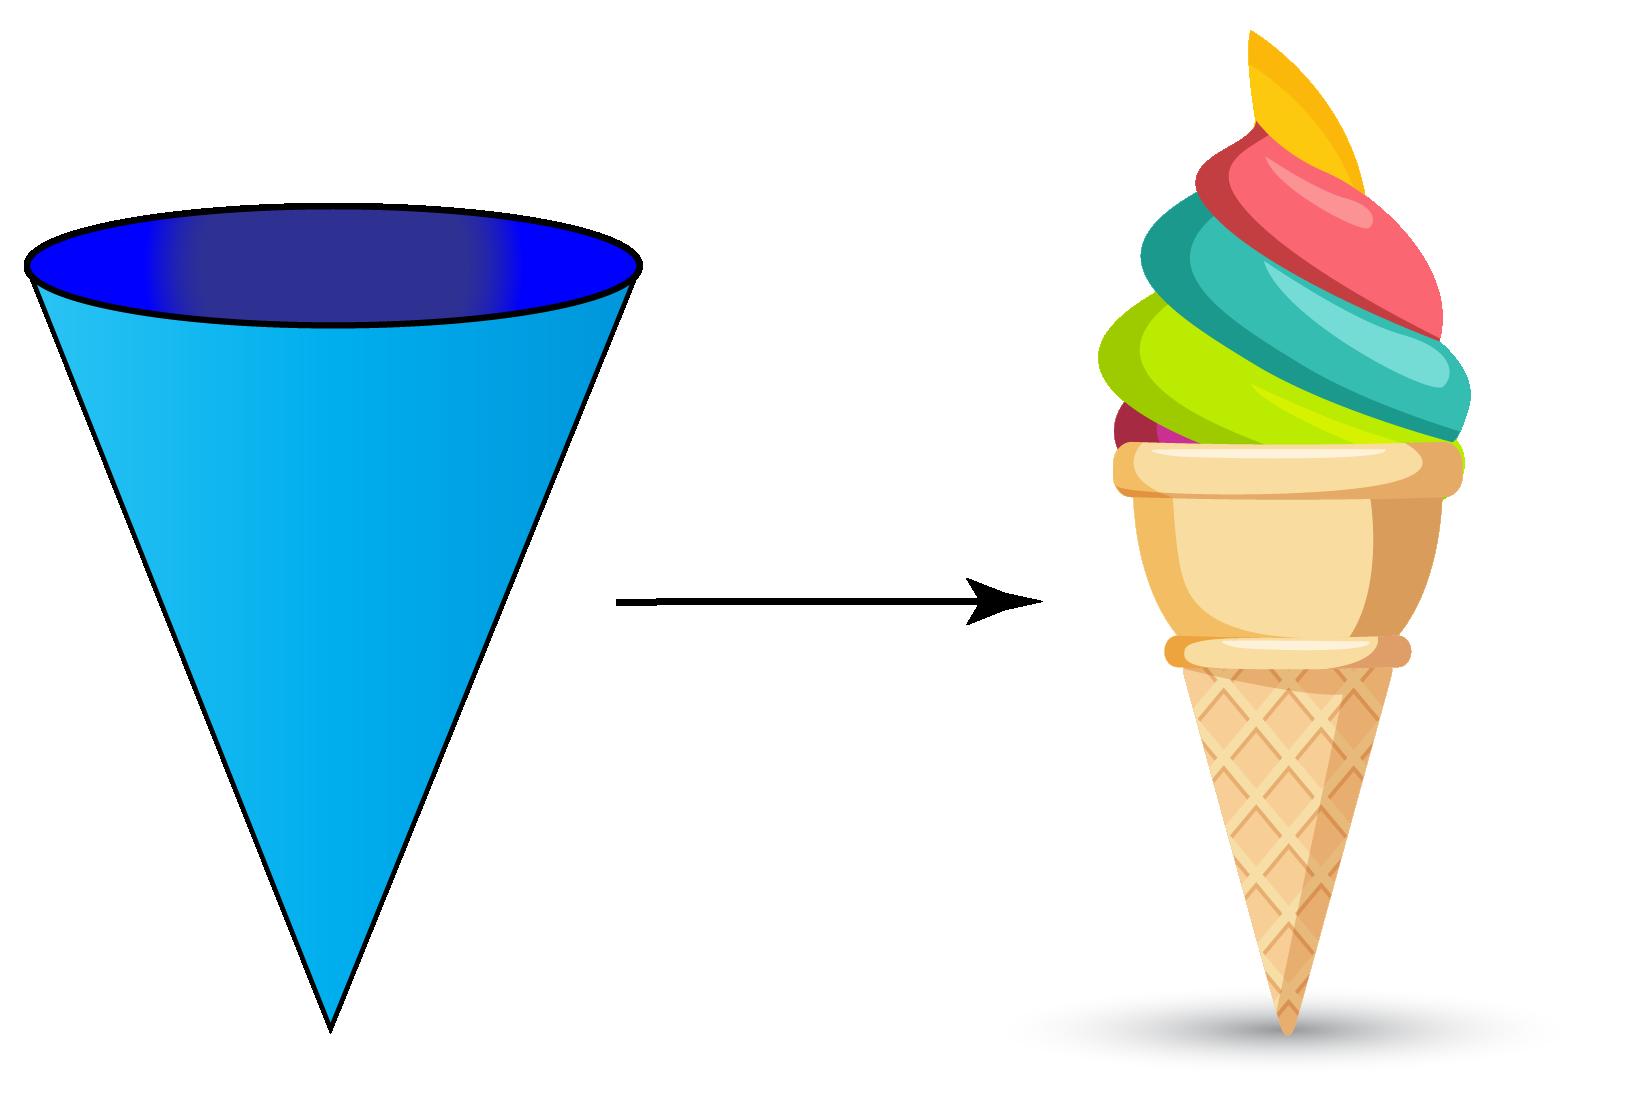 cone - ice cream